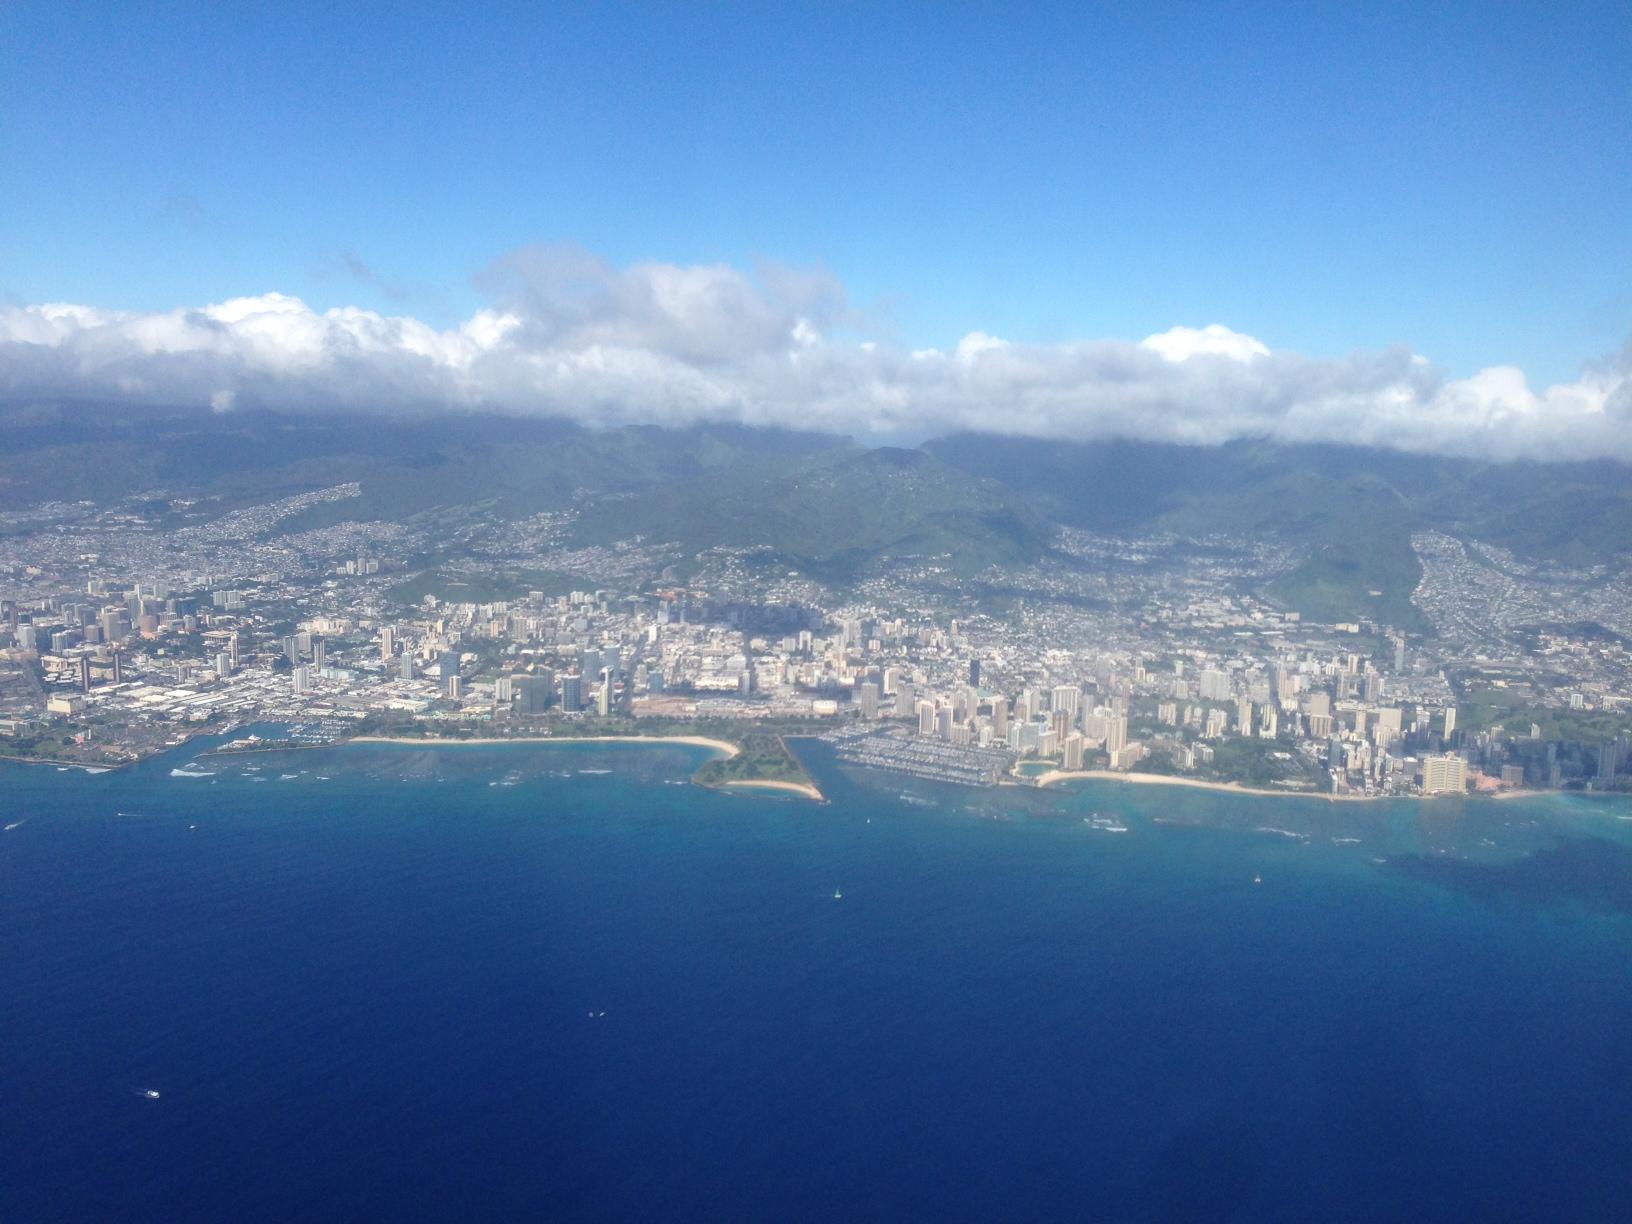 Aerial Shot Oahu: View of Kakaako and Waikiki